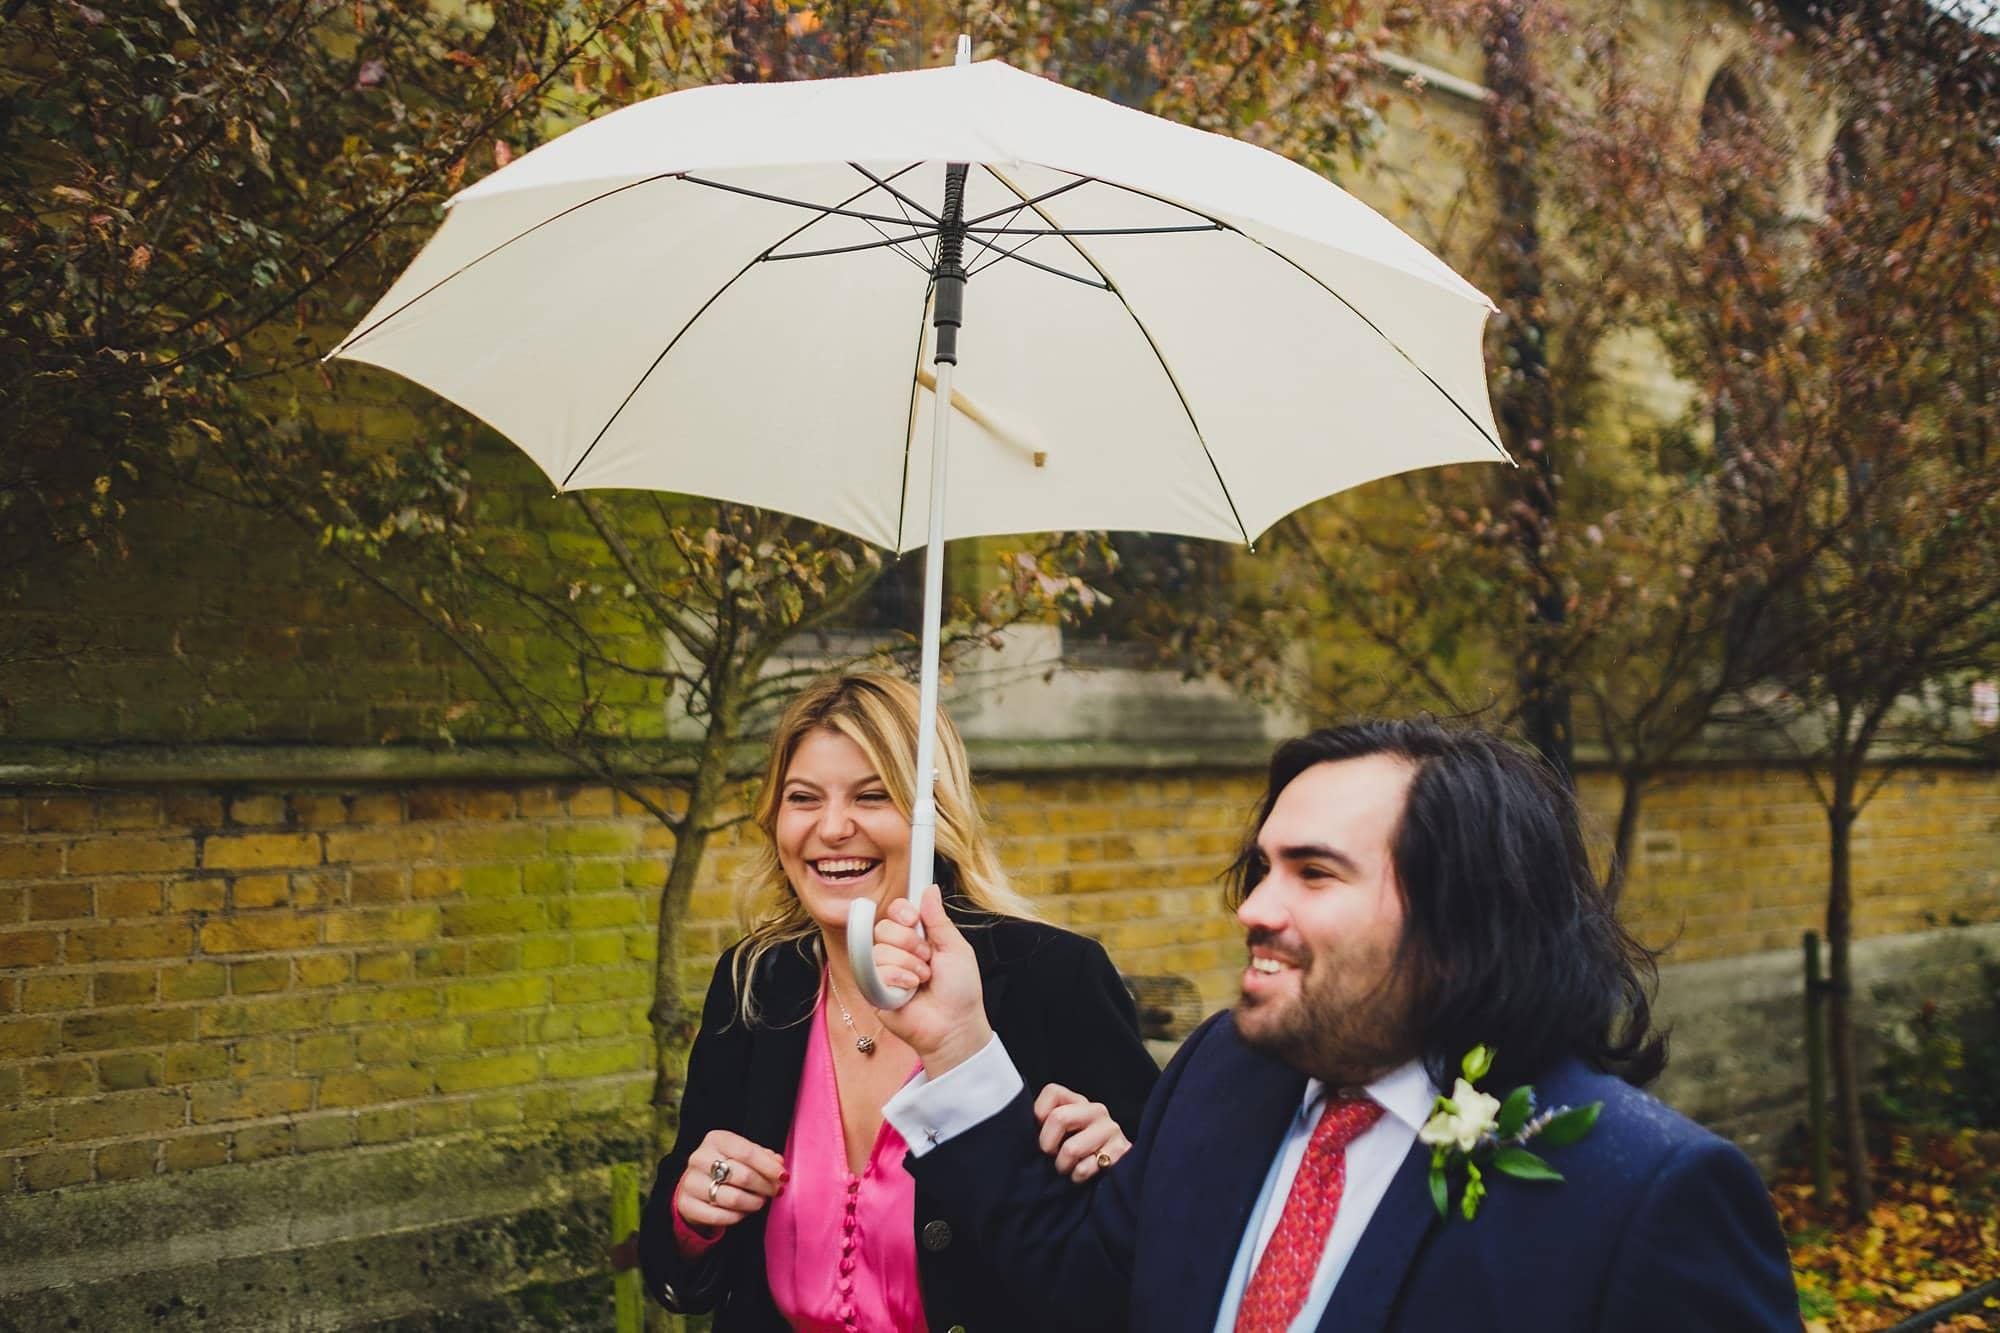 fulham palace wedding photographer ok 052 - Olivia + Kyle